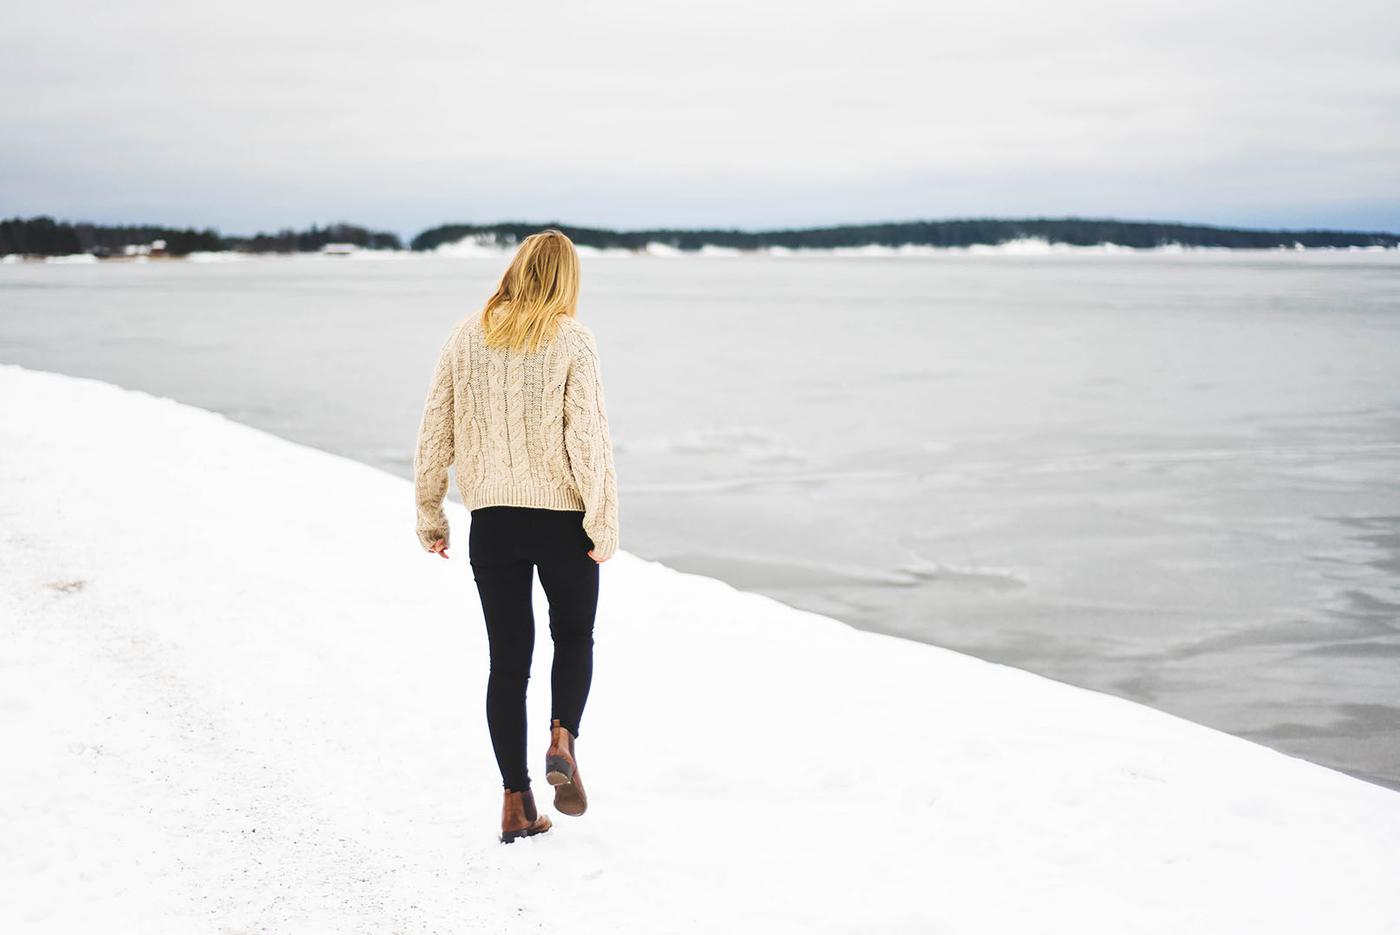 finland-espoo-winter-sundayblondie-14.jpg